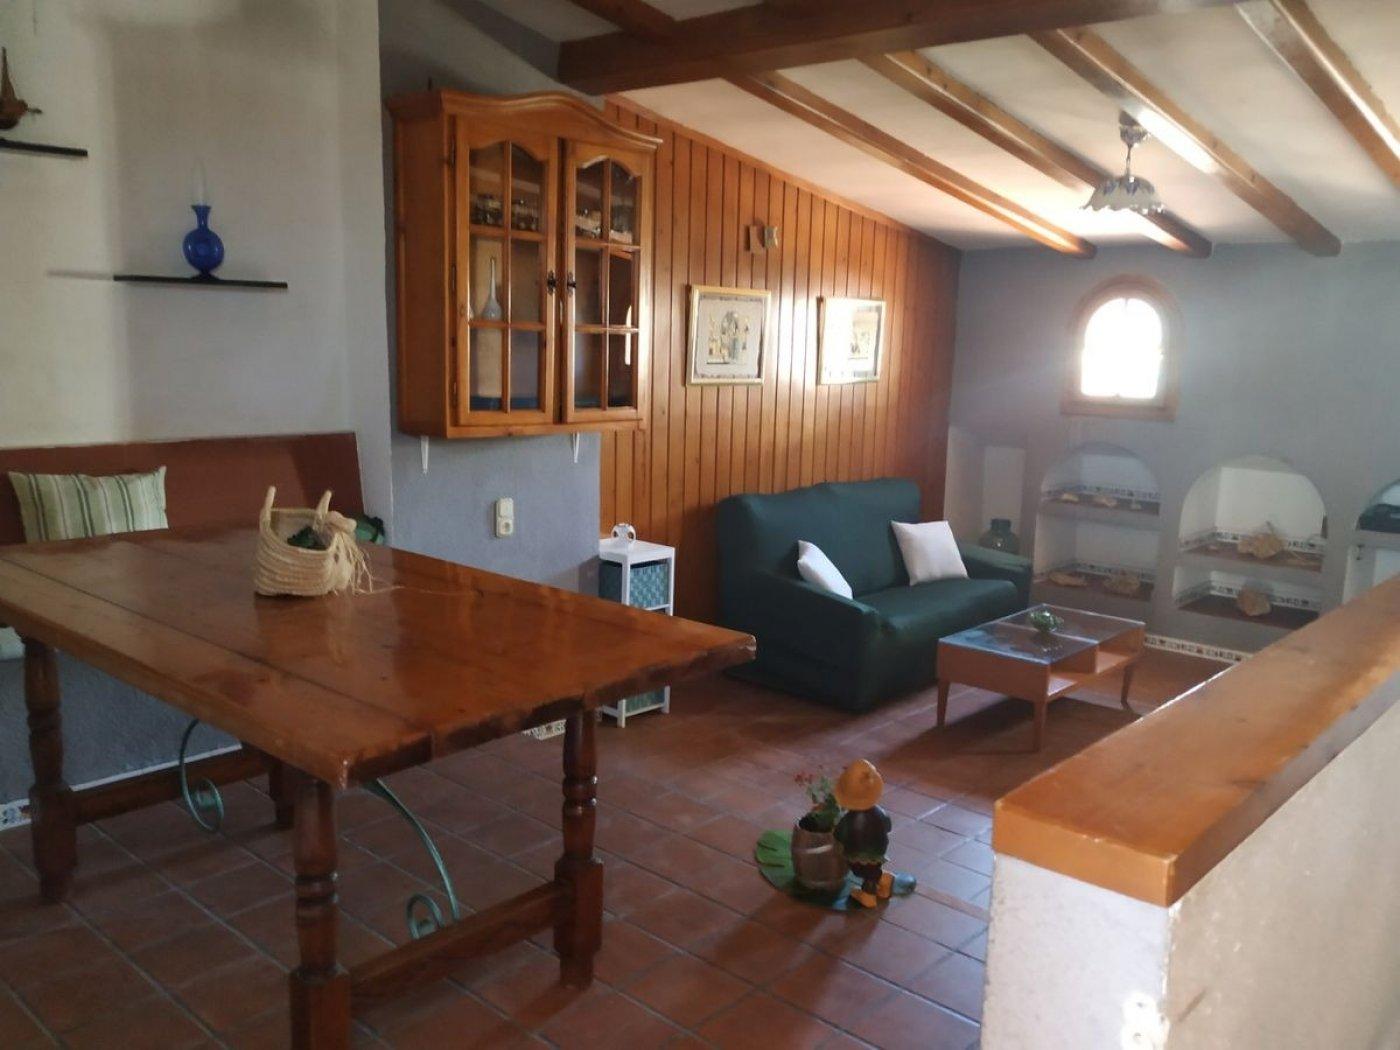 House for sale in Piscina, Vinaros